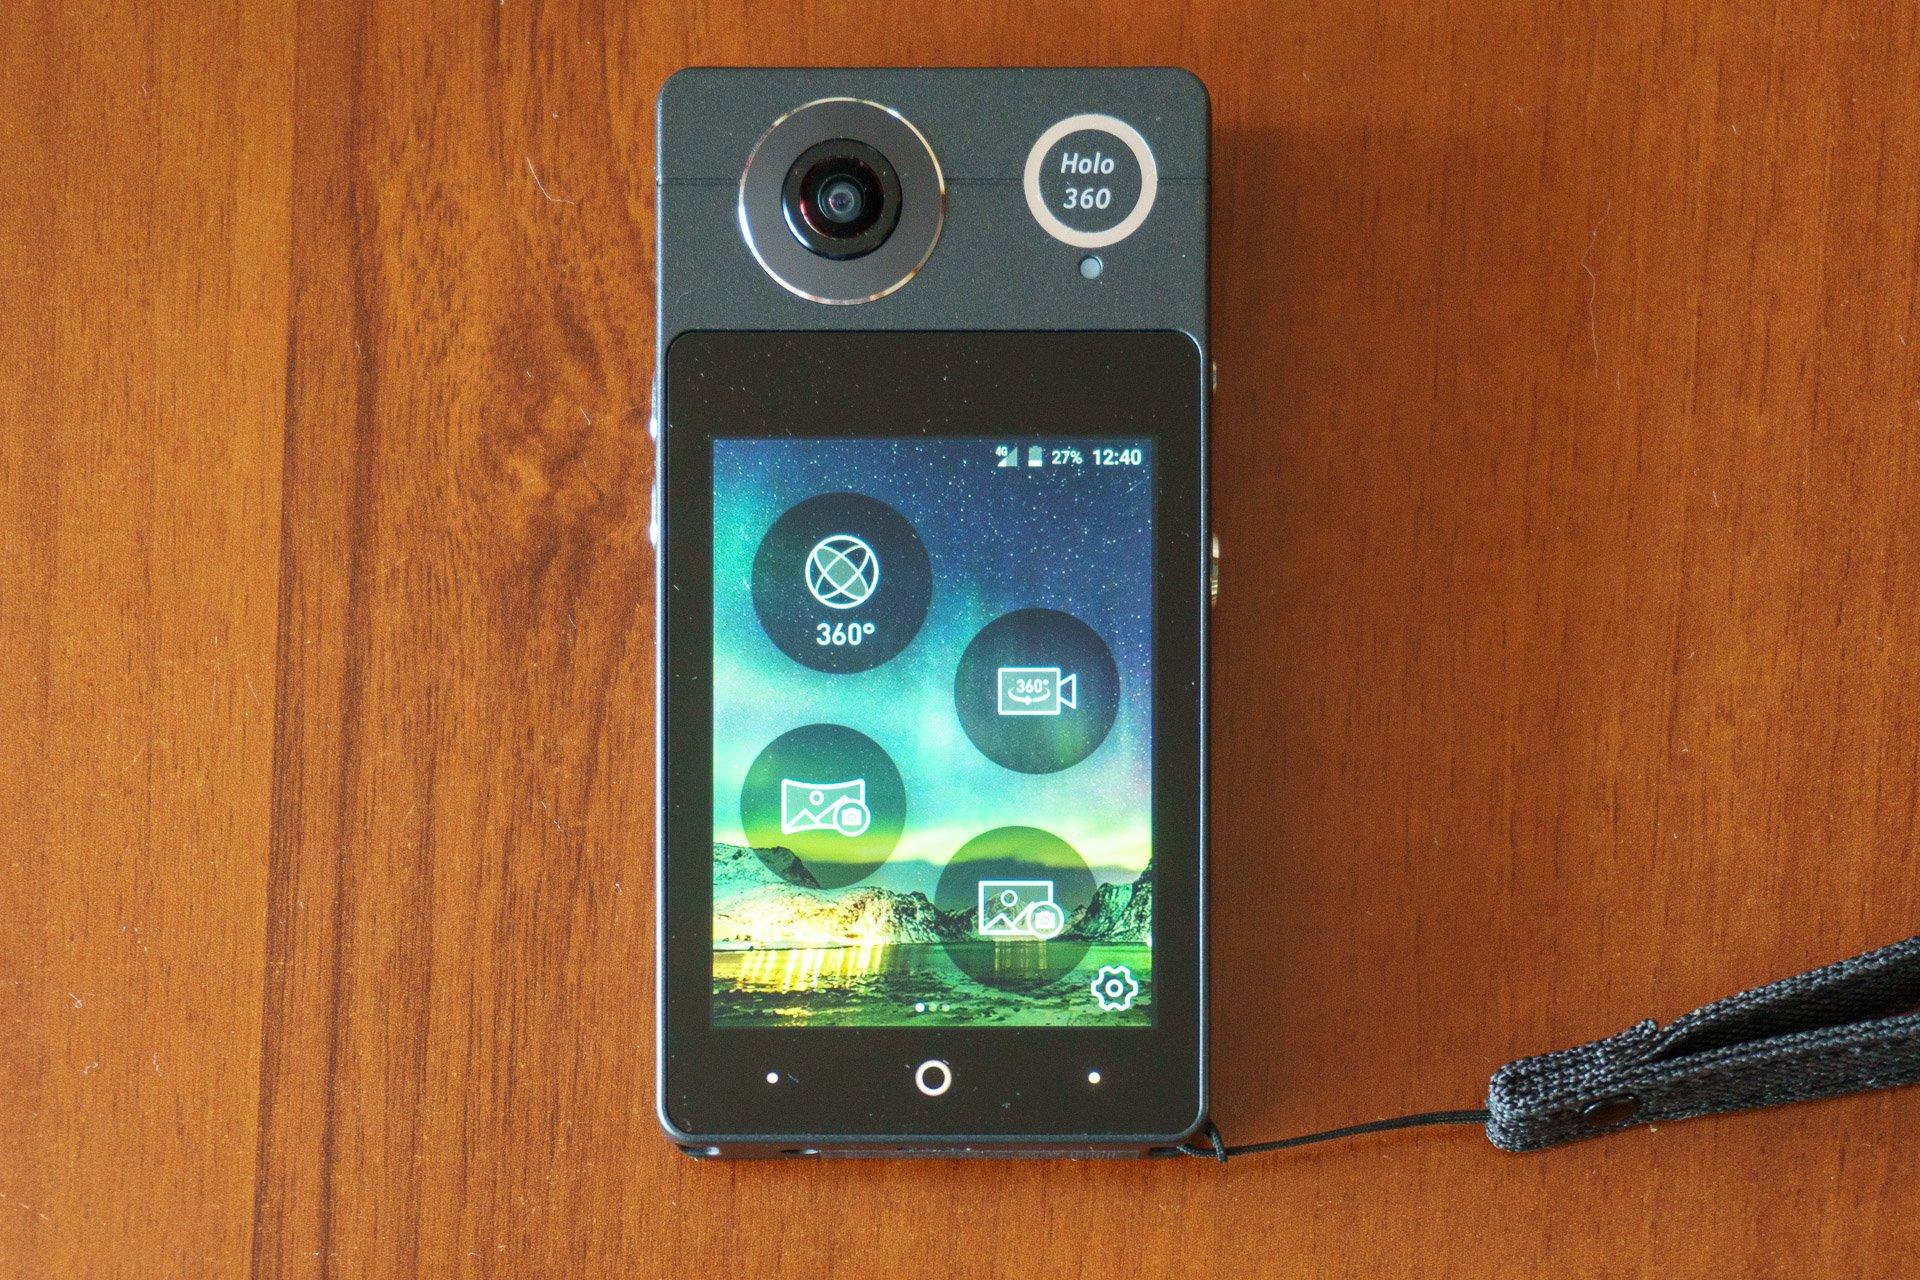 Tabletowo.pl Recenzja Acer Holo360 - kamera sferyczna i smartfon w jednym Acer Android Producenci Recenzje Smartfony